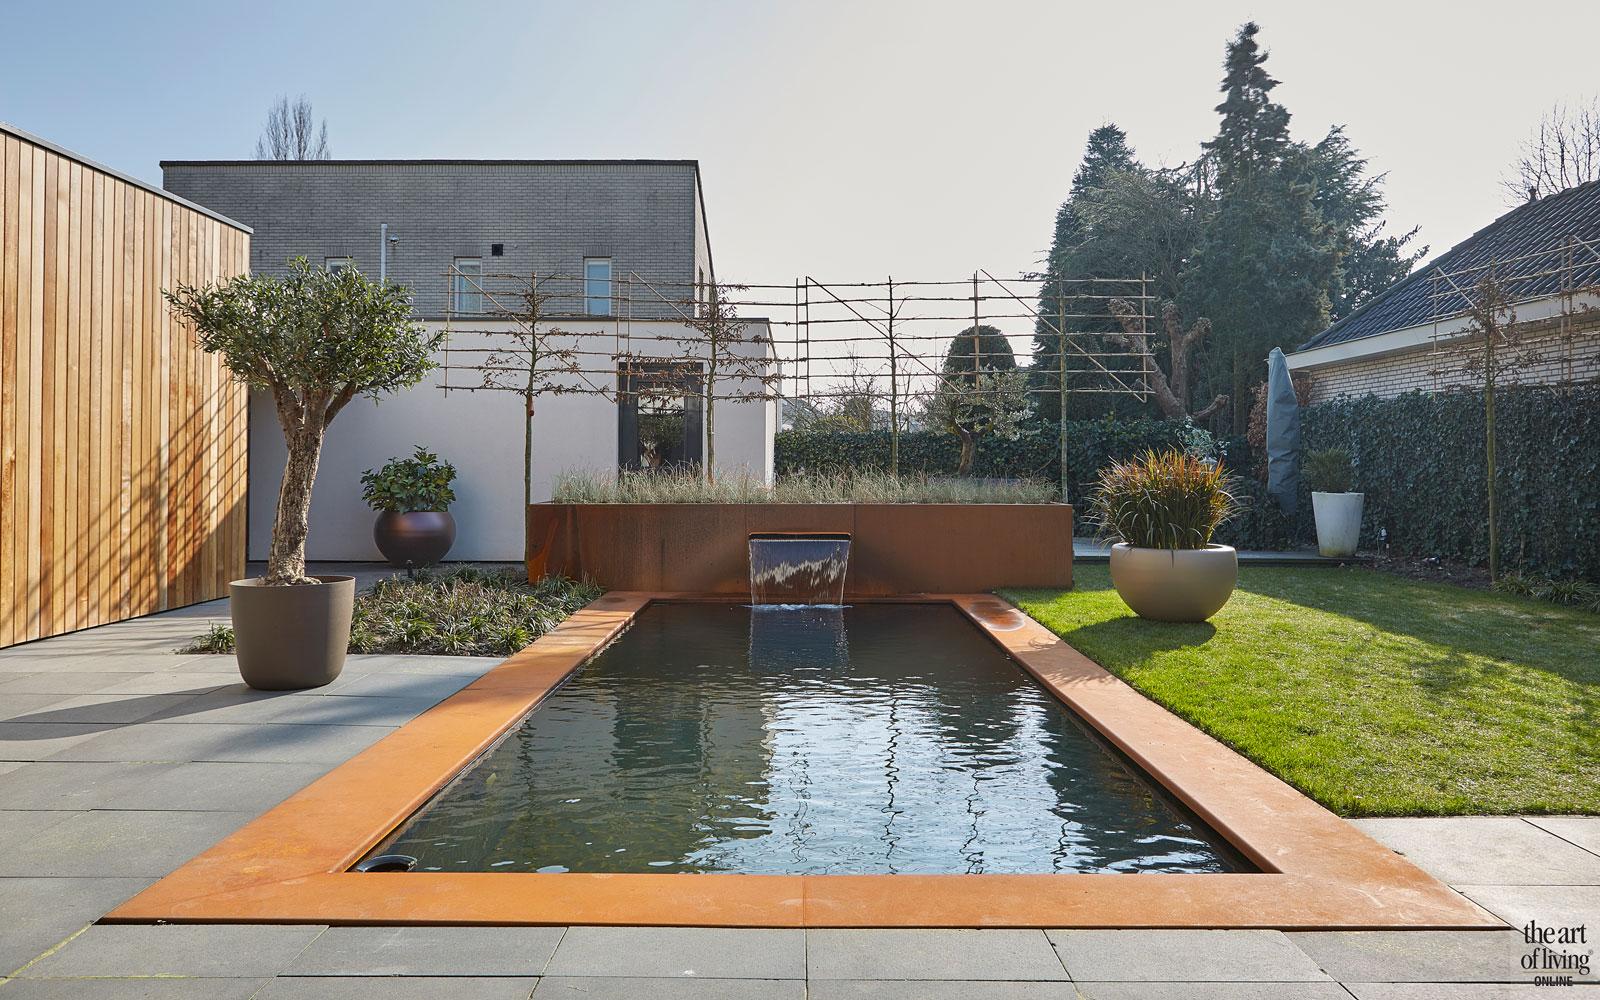 Moderne woning, CS2 Architecten, Exterieur, Moderne villa, Moderne woning, Moderne architectuur, Architectuur